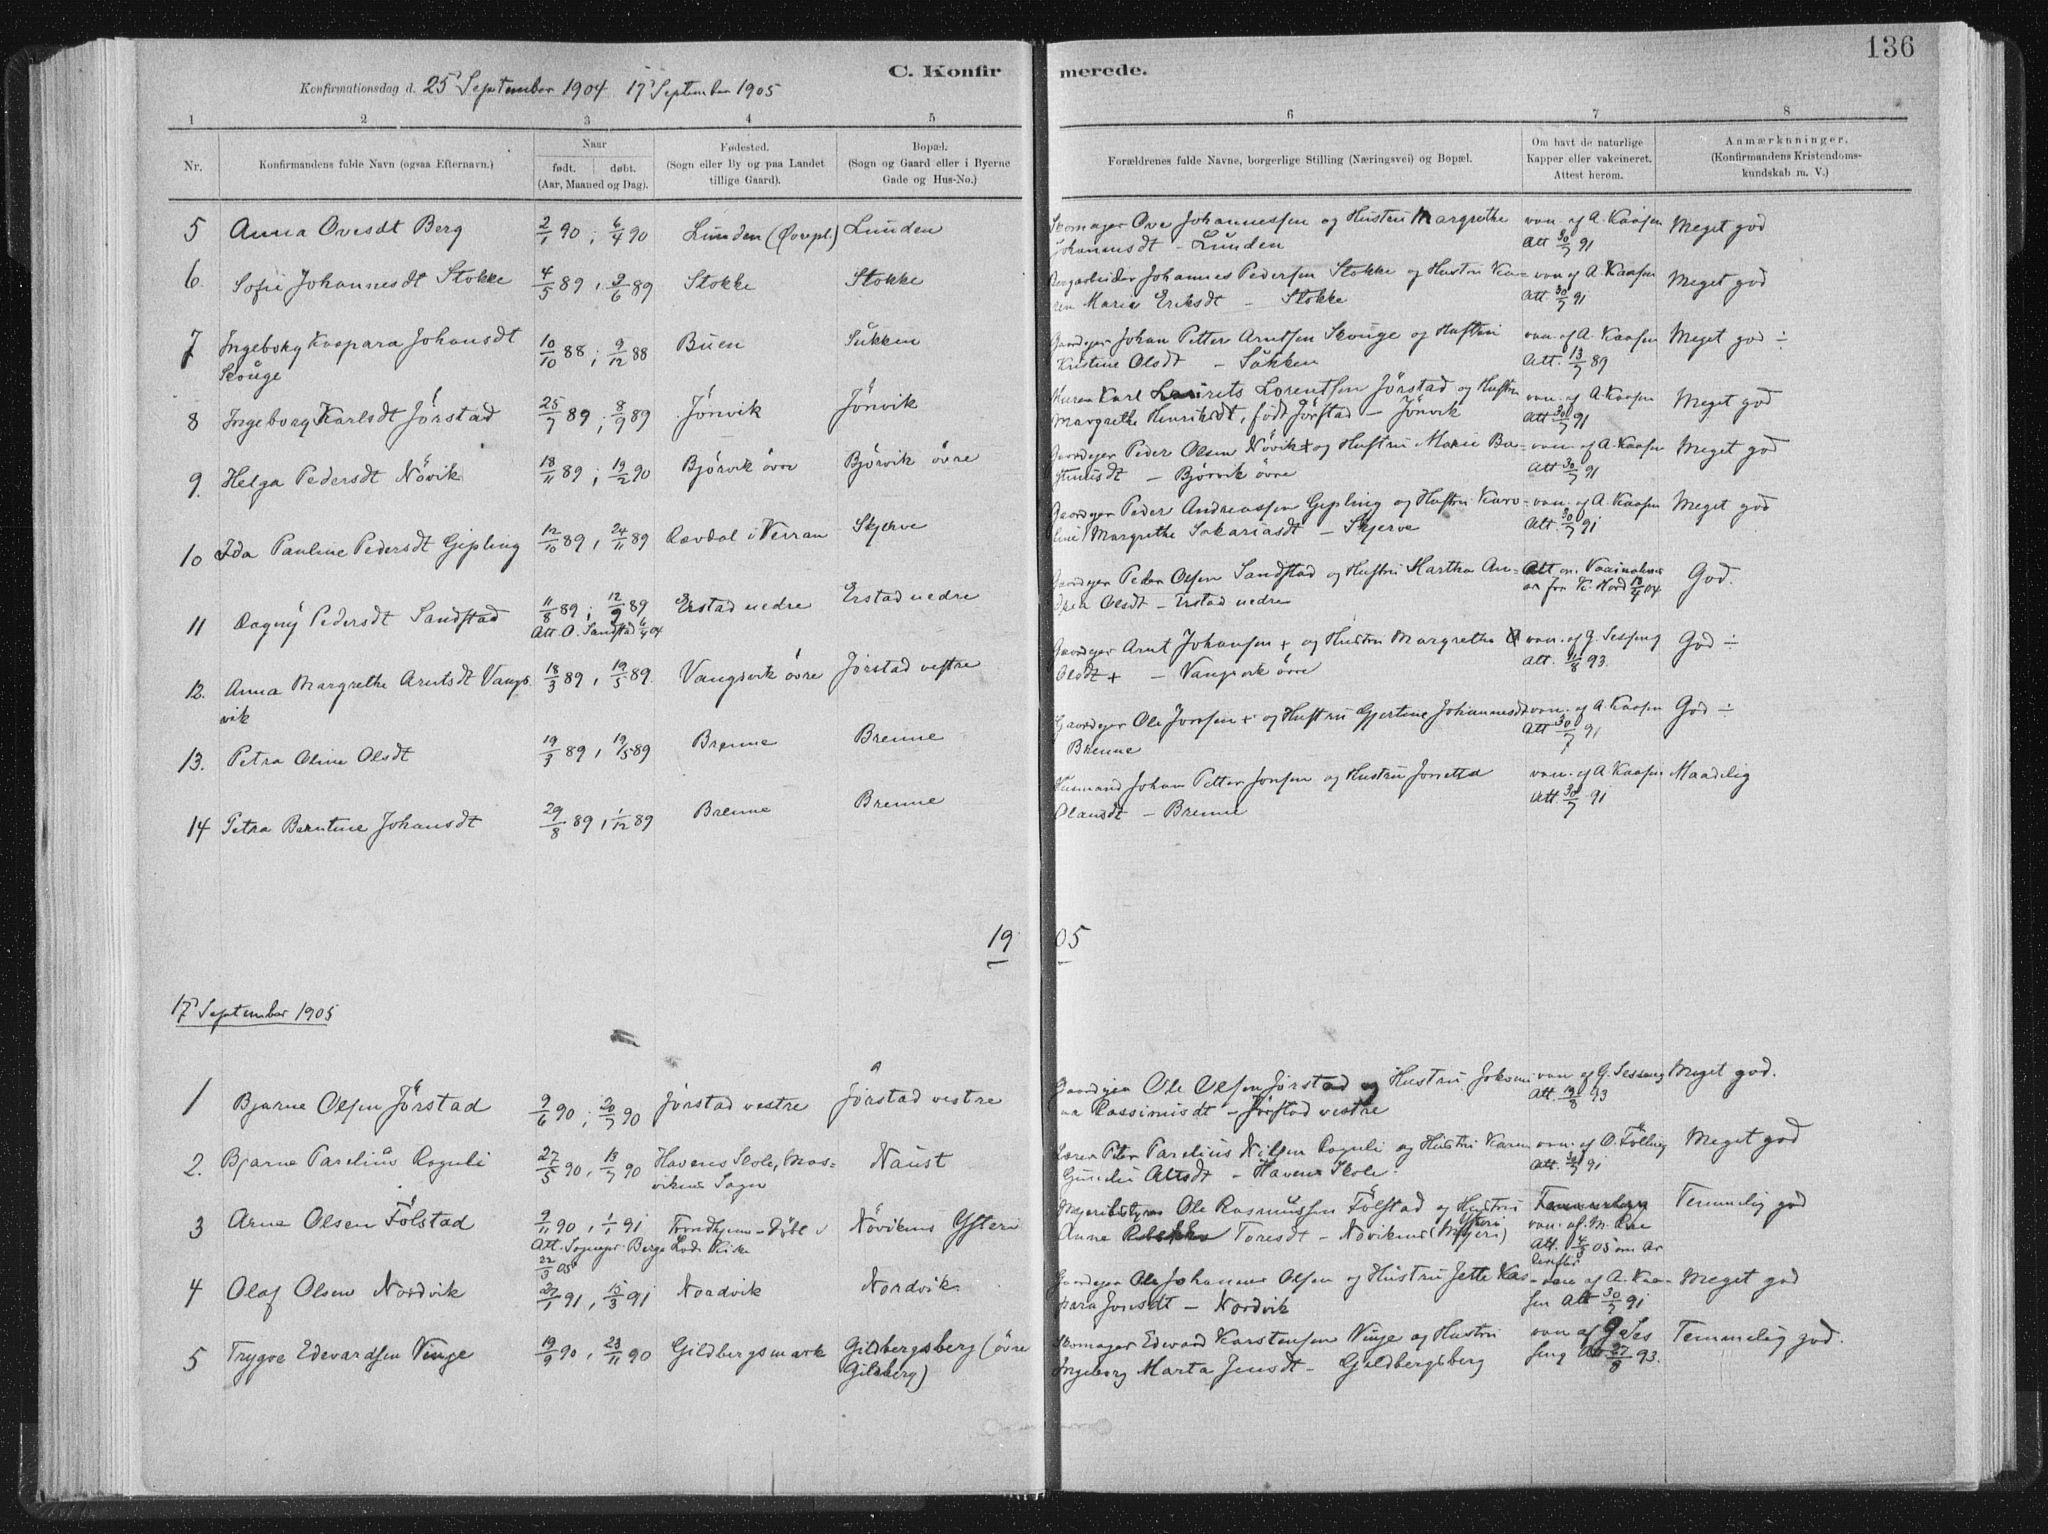 SAT, Ministerialprotokoller, klokkerbøker og fødselsregistre - Nord-Trøndelag, 722/L0220: Ministerialbok nr. 722A07, 1881-1908, s. 136